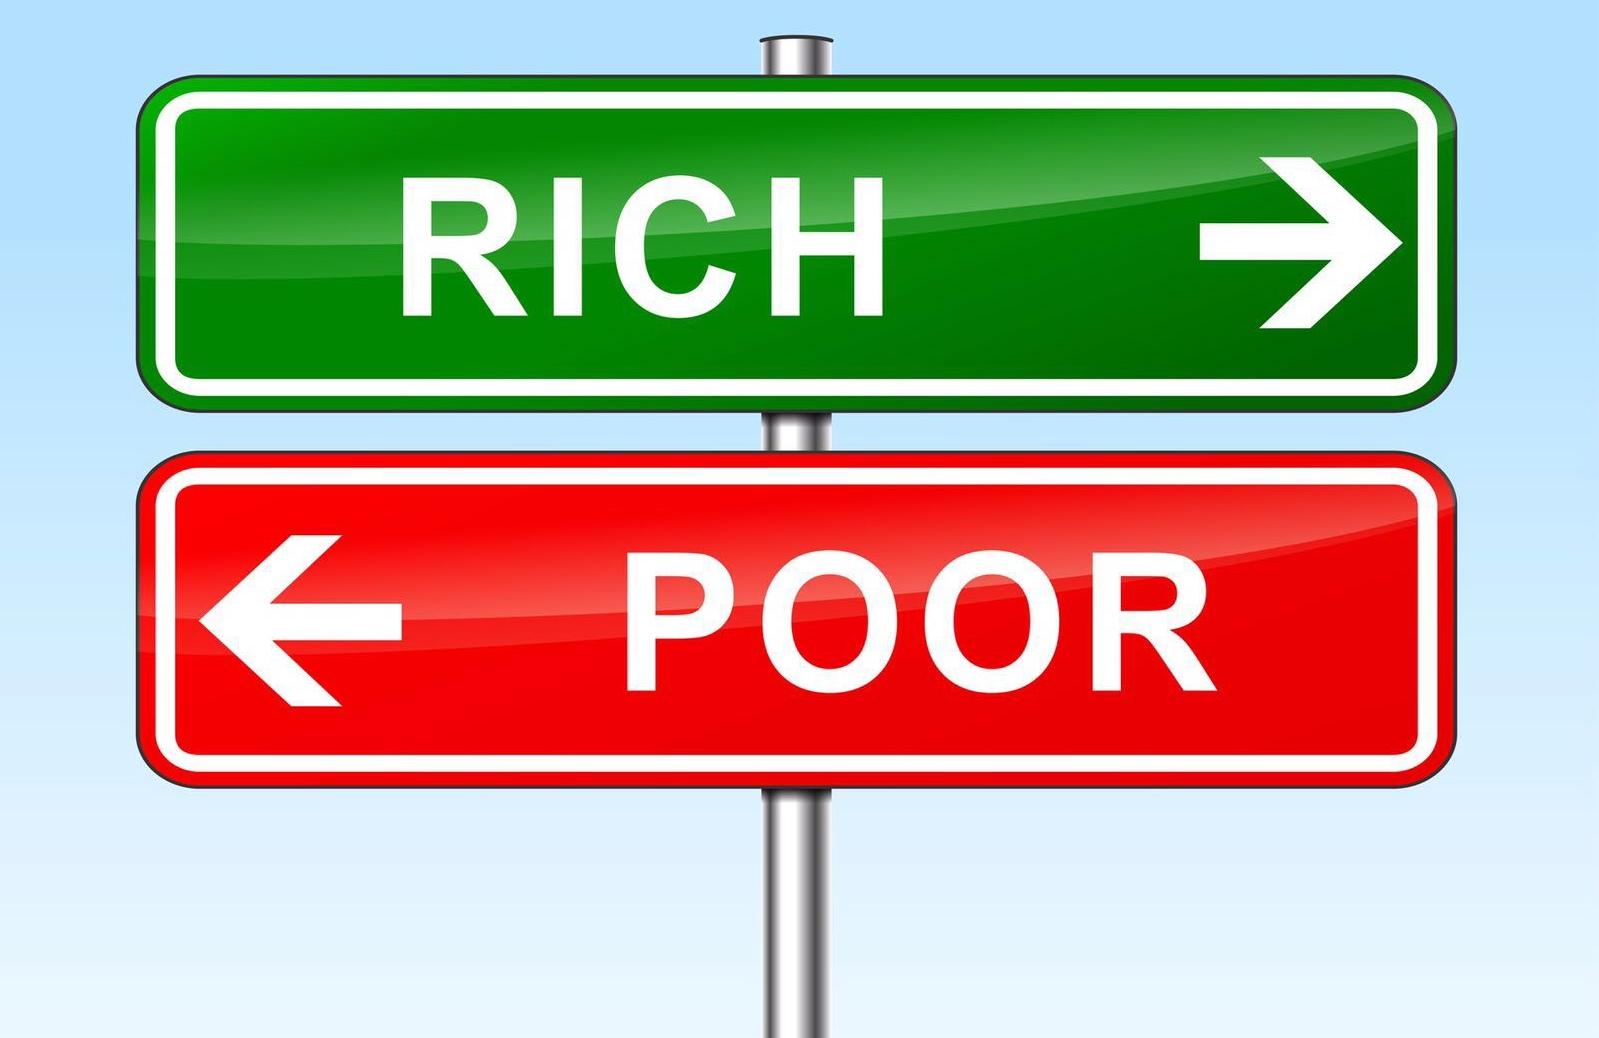 image asset - Богатые и бедные – в чем разница?